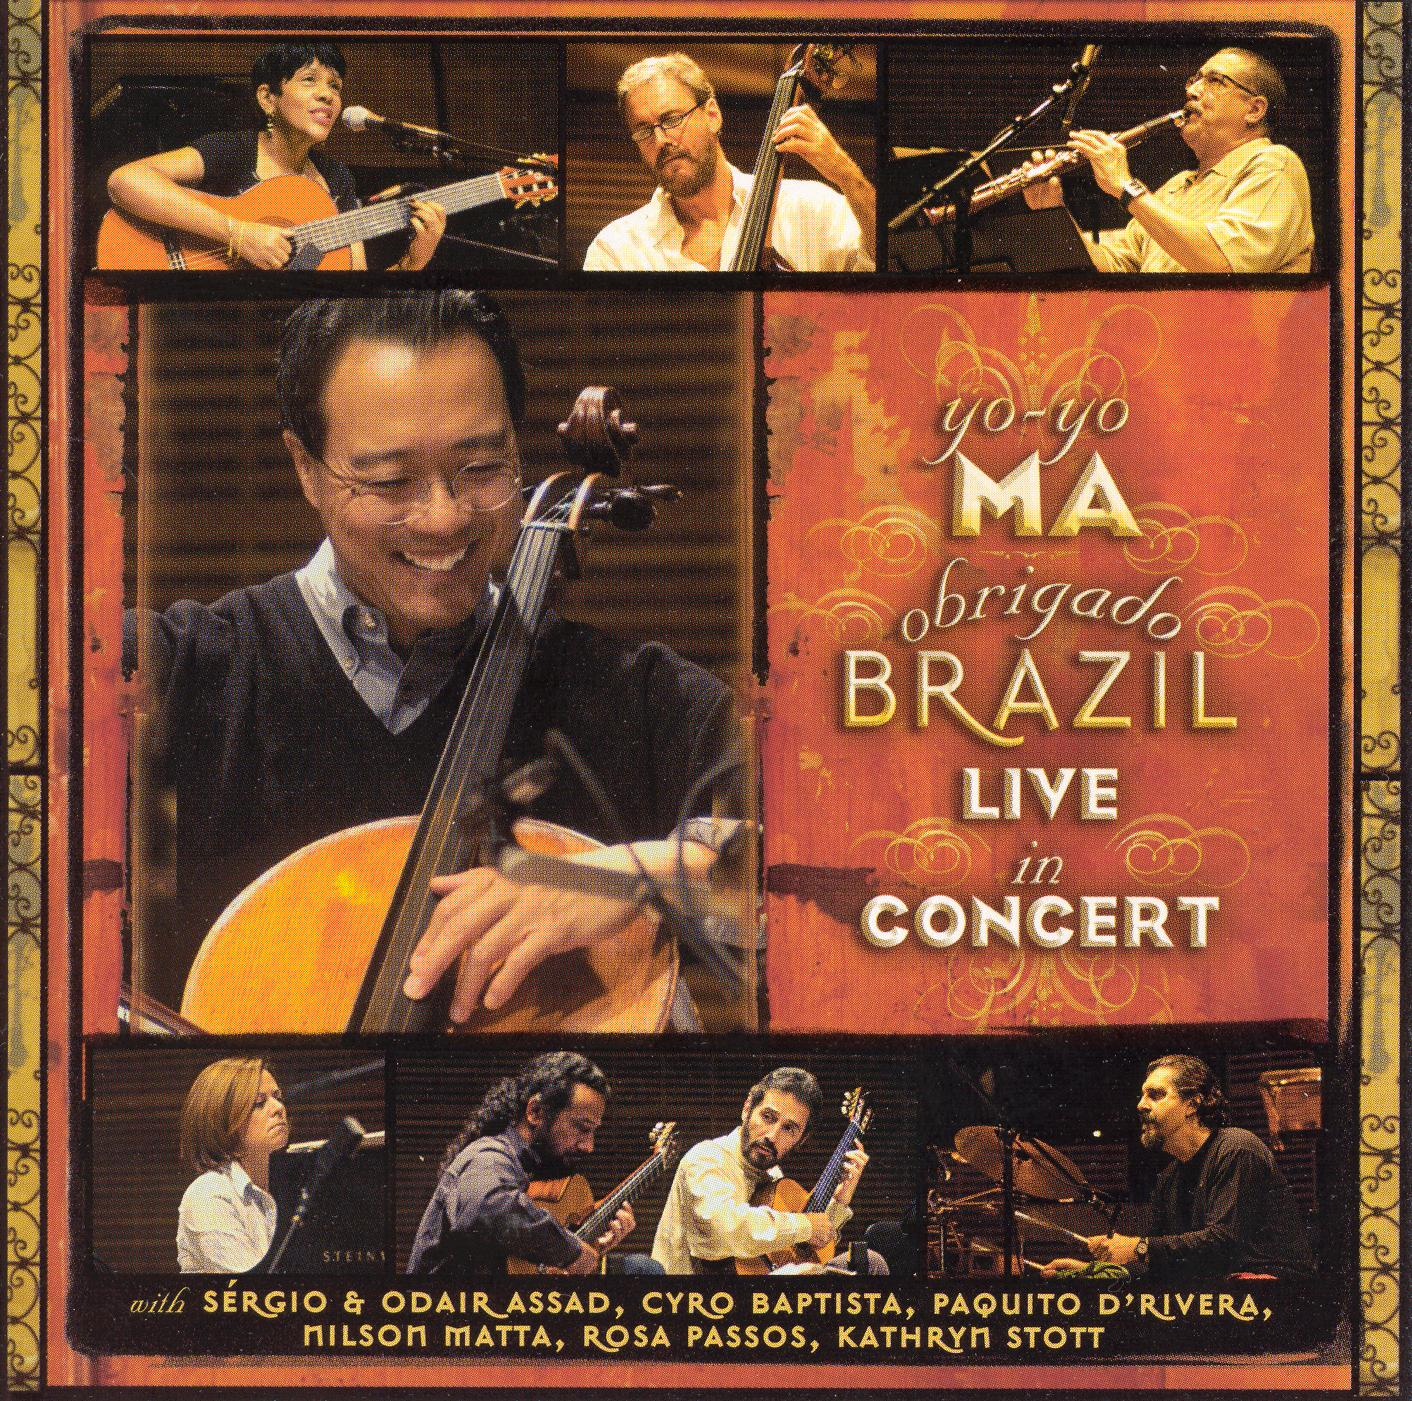 Yo-Yo Ma: Obrigado Brazil - Live in Concert